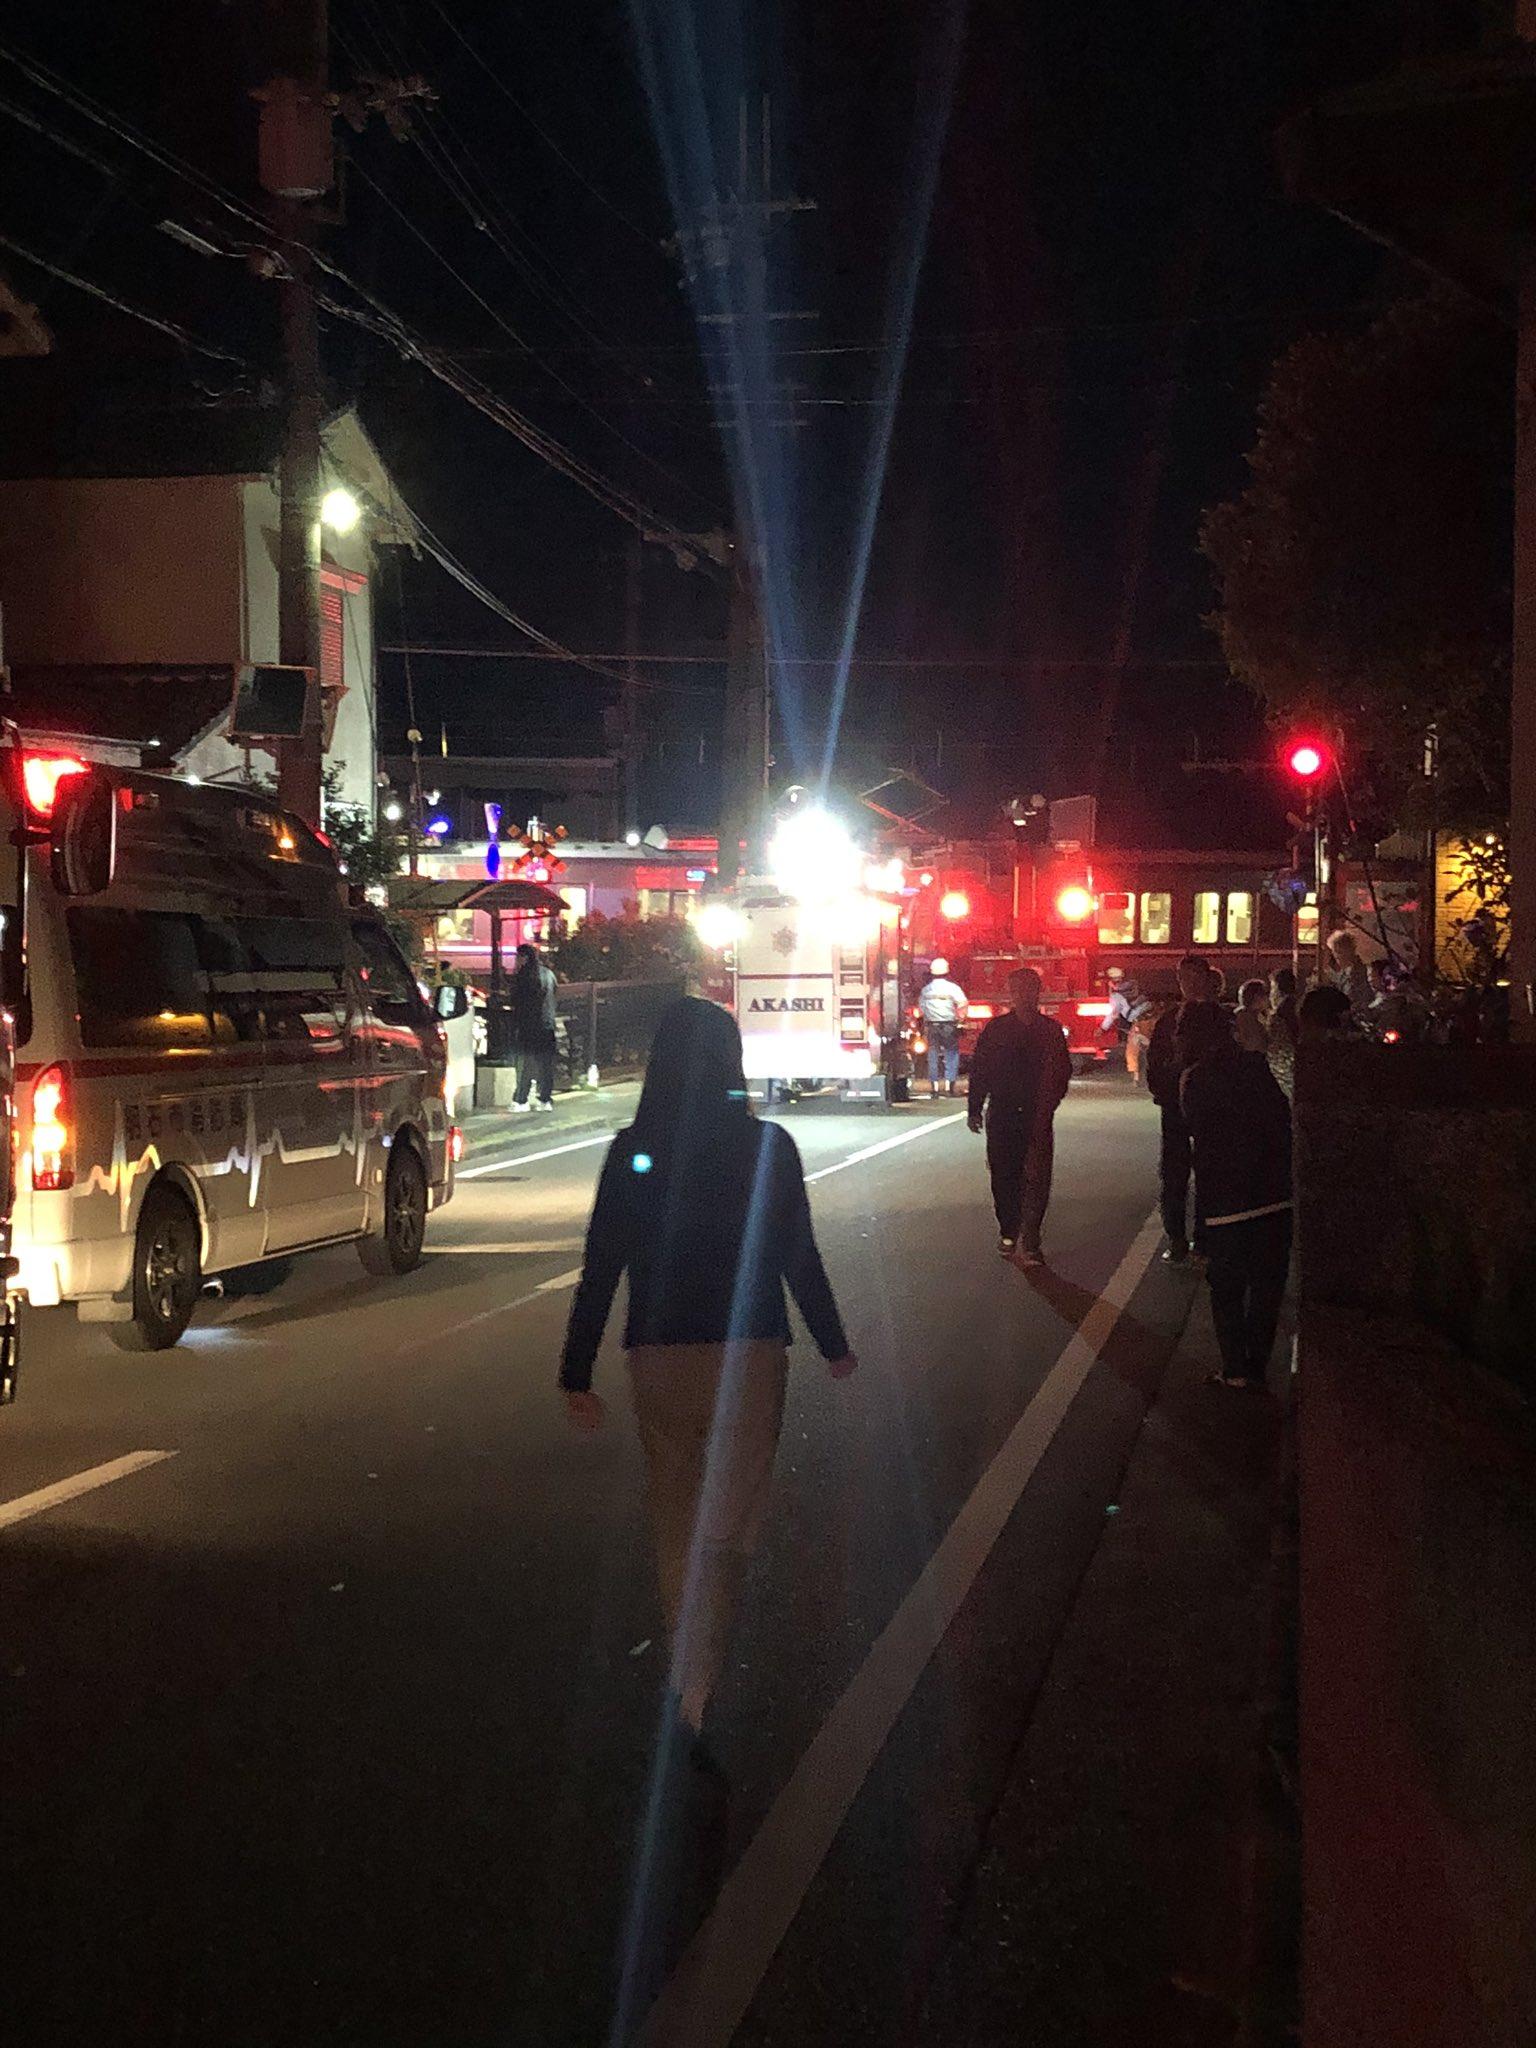 神戸線の土山駅~魚住駅間で人身事故が起きた現場の画像